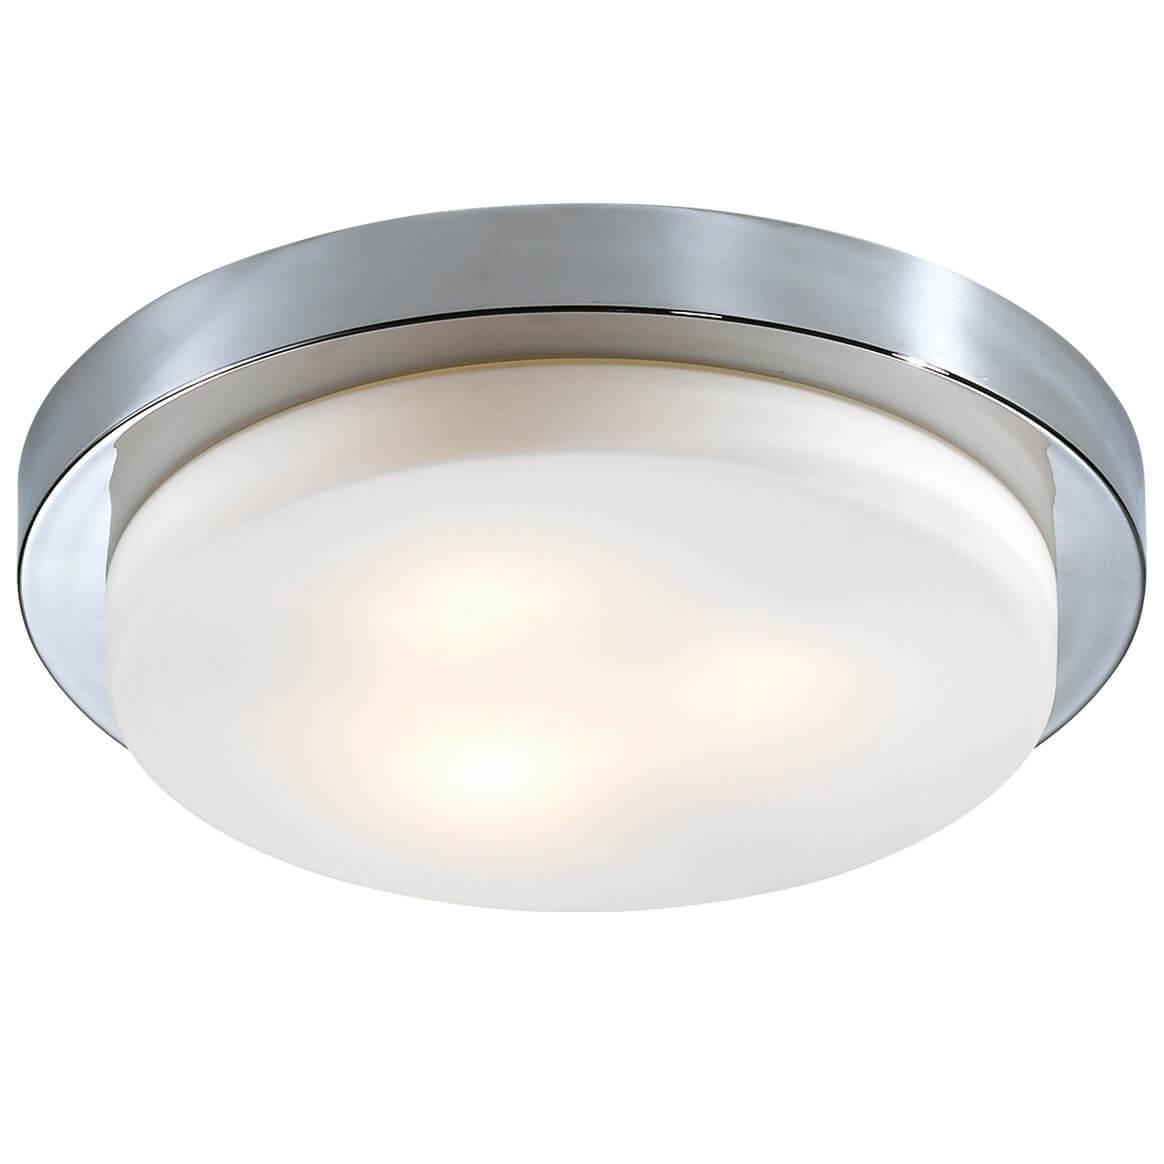 Накладной светильник Odeon Light 2746/3C, E14, 40 Вт